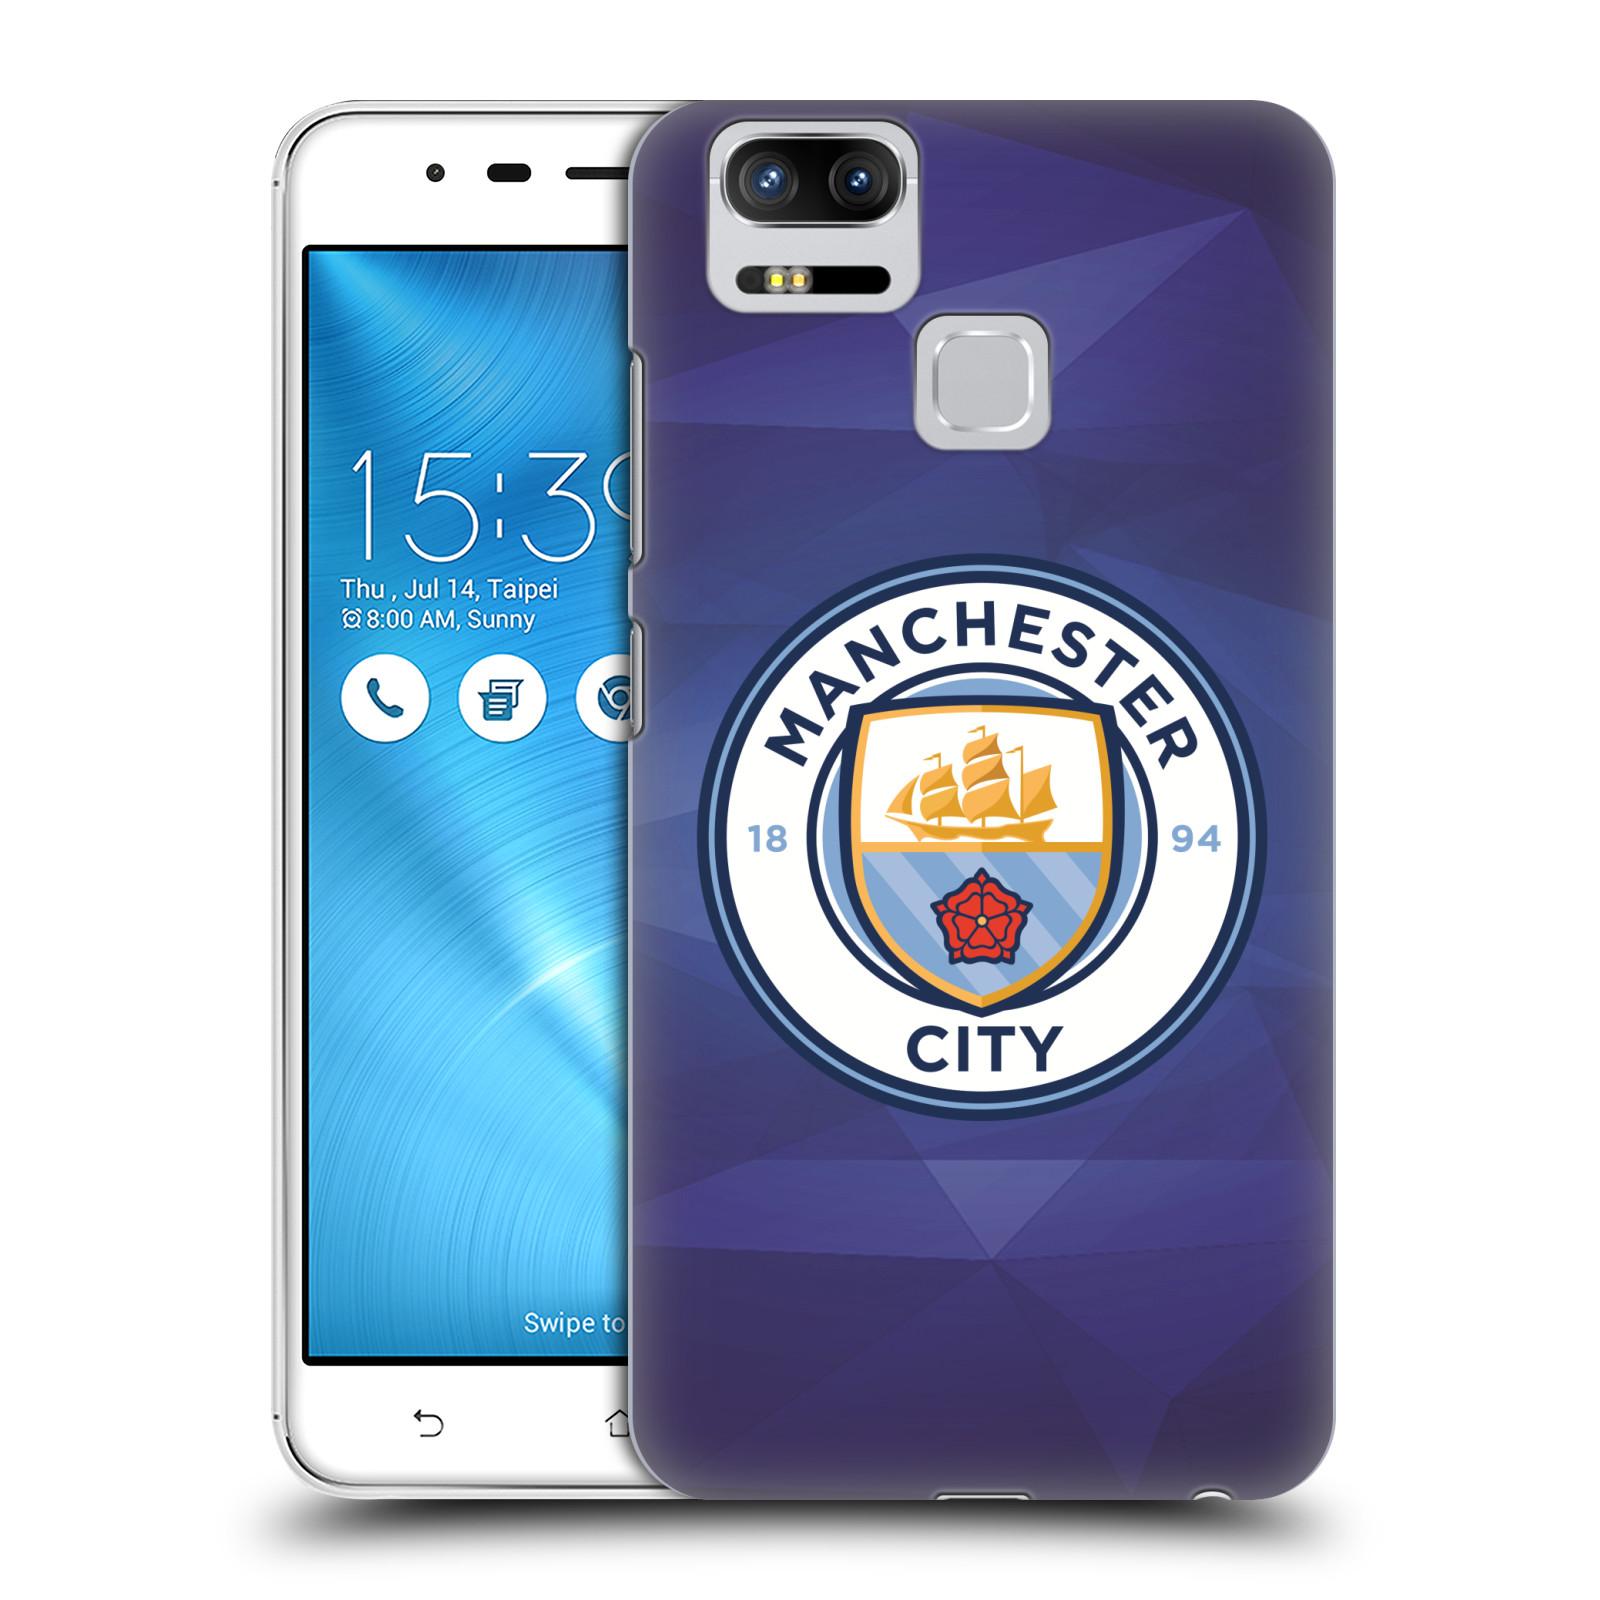 Plastové pouzdro na mobil Asus ZenFone 3 ZOOM ZE553KL - Head Case - Manchester City FC - Modré nové logo (Plastový kryt či obal na mobilní telefon Asus ZenFone 3 ZOOM ZE553KL s motivem Manchester City FC - Modré nové logo)